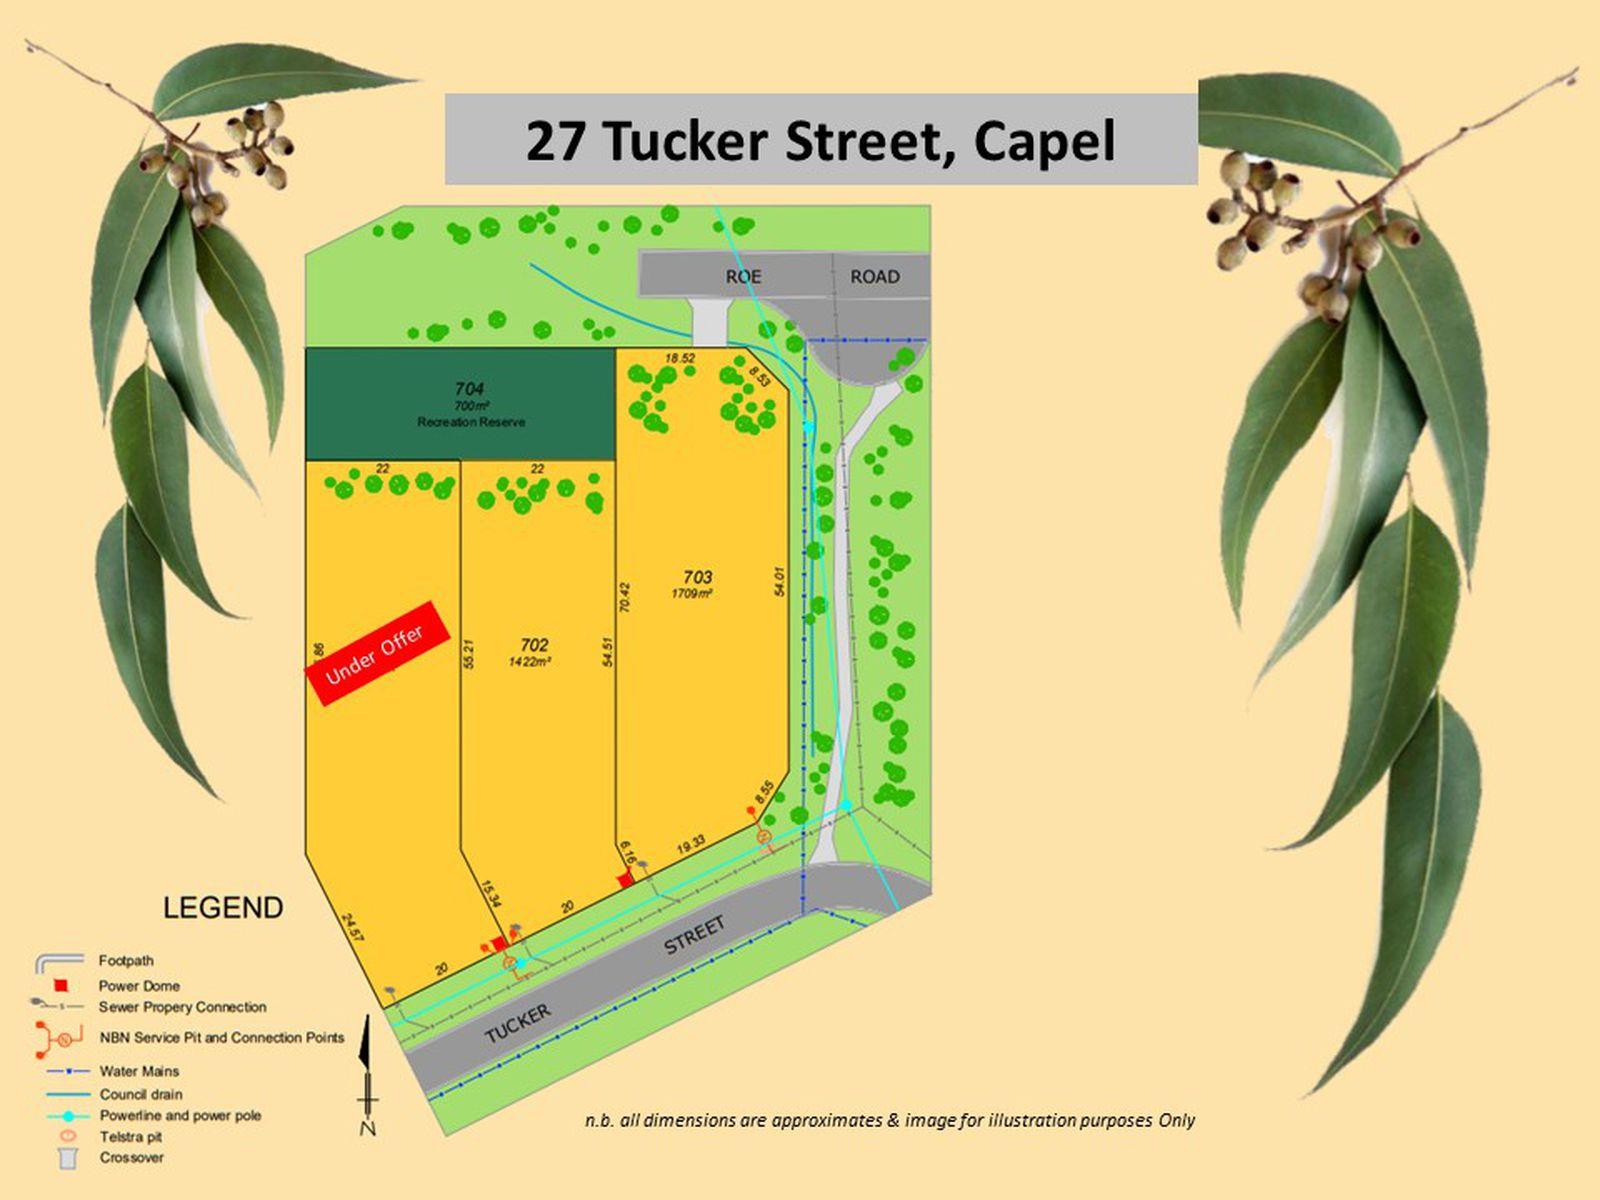 27 Tucker Street, Capel